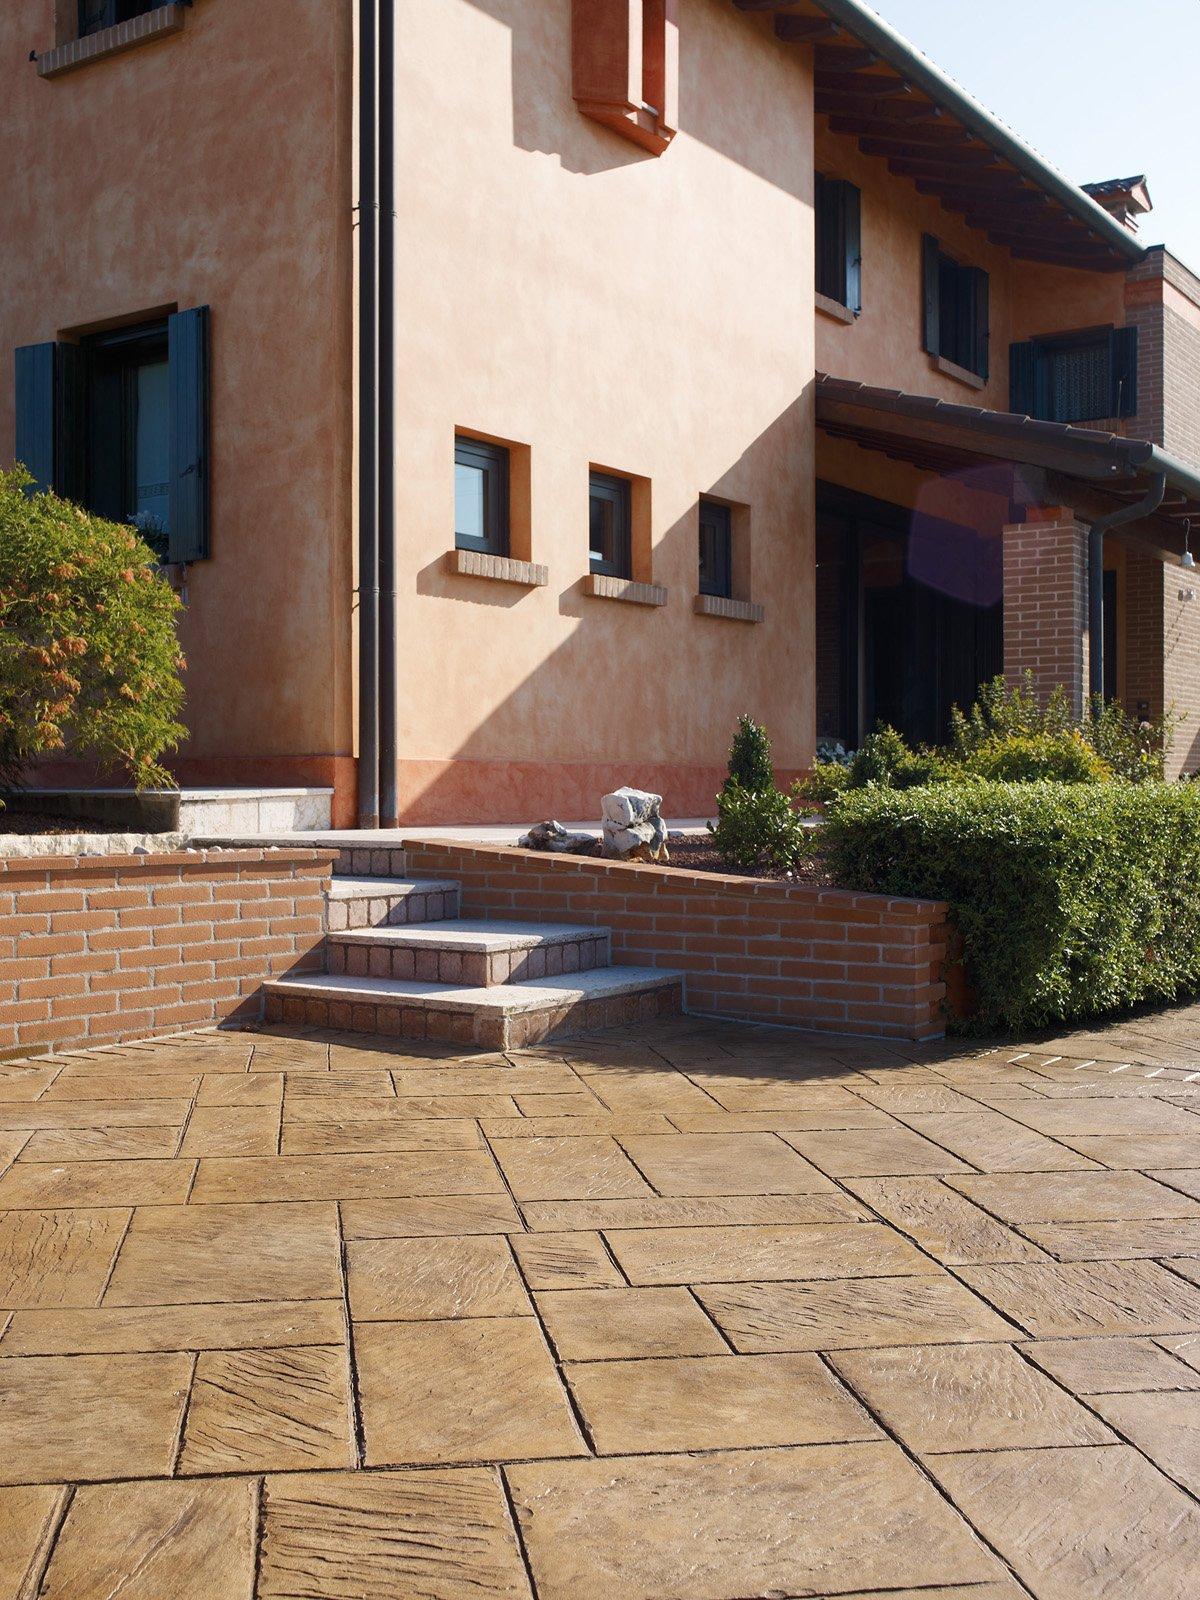 Casa immobiliare accessori dipingere casa esterno - Dipingere a casa ...